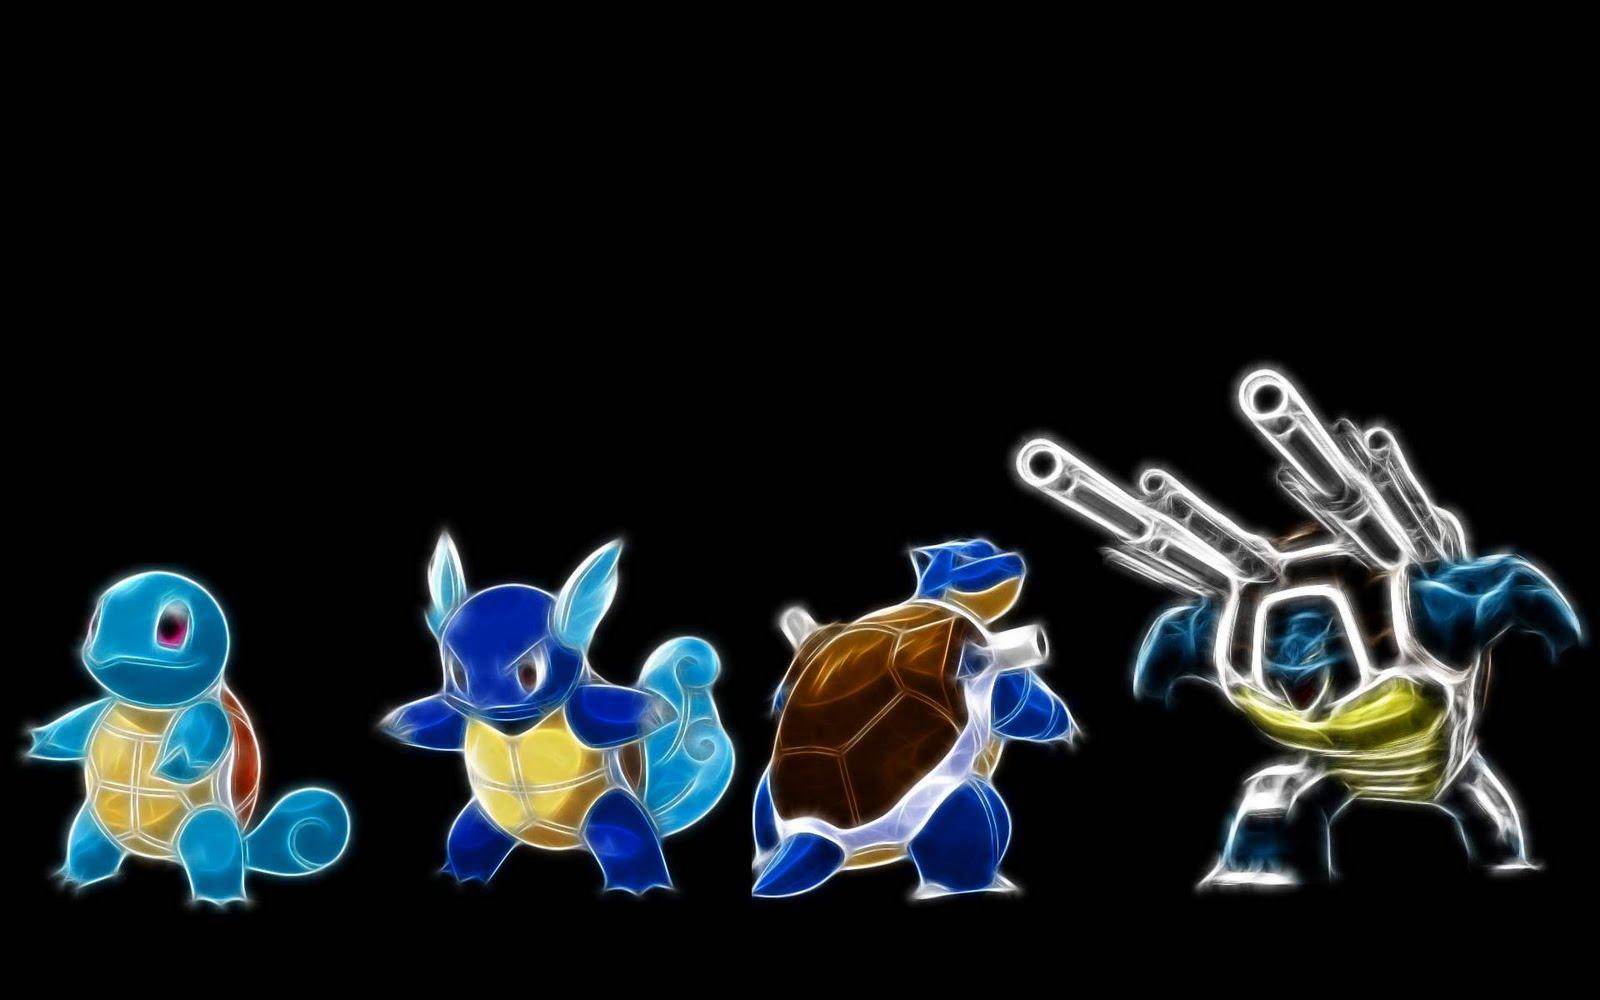 Pokemon Logo Wallpaper Pokemon wallpaper hd dekstop 1600x1000